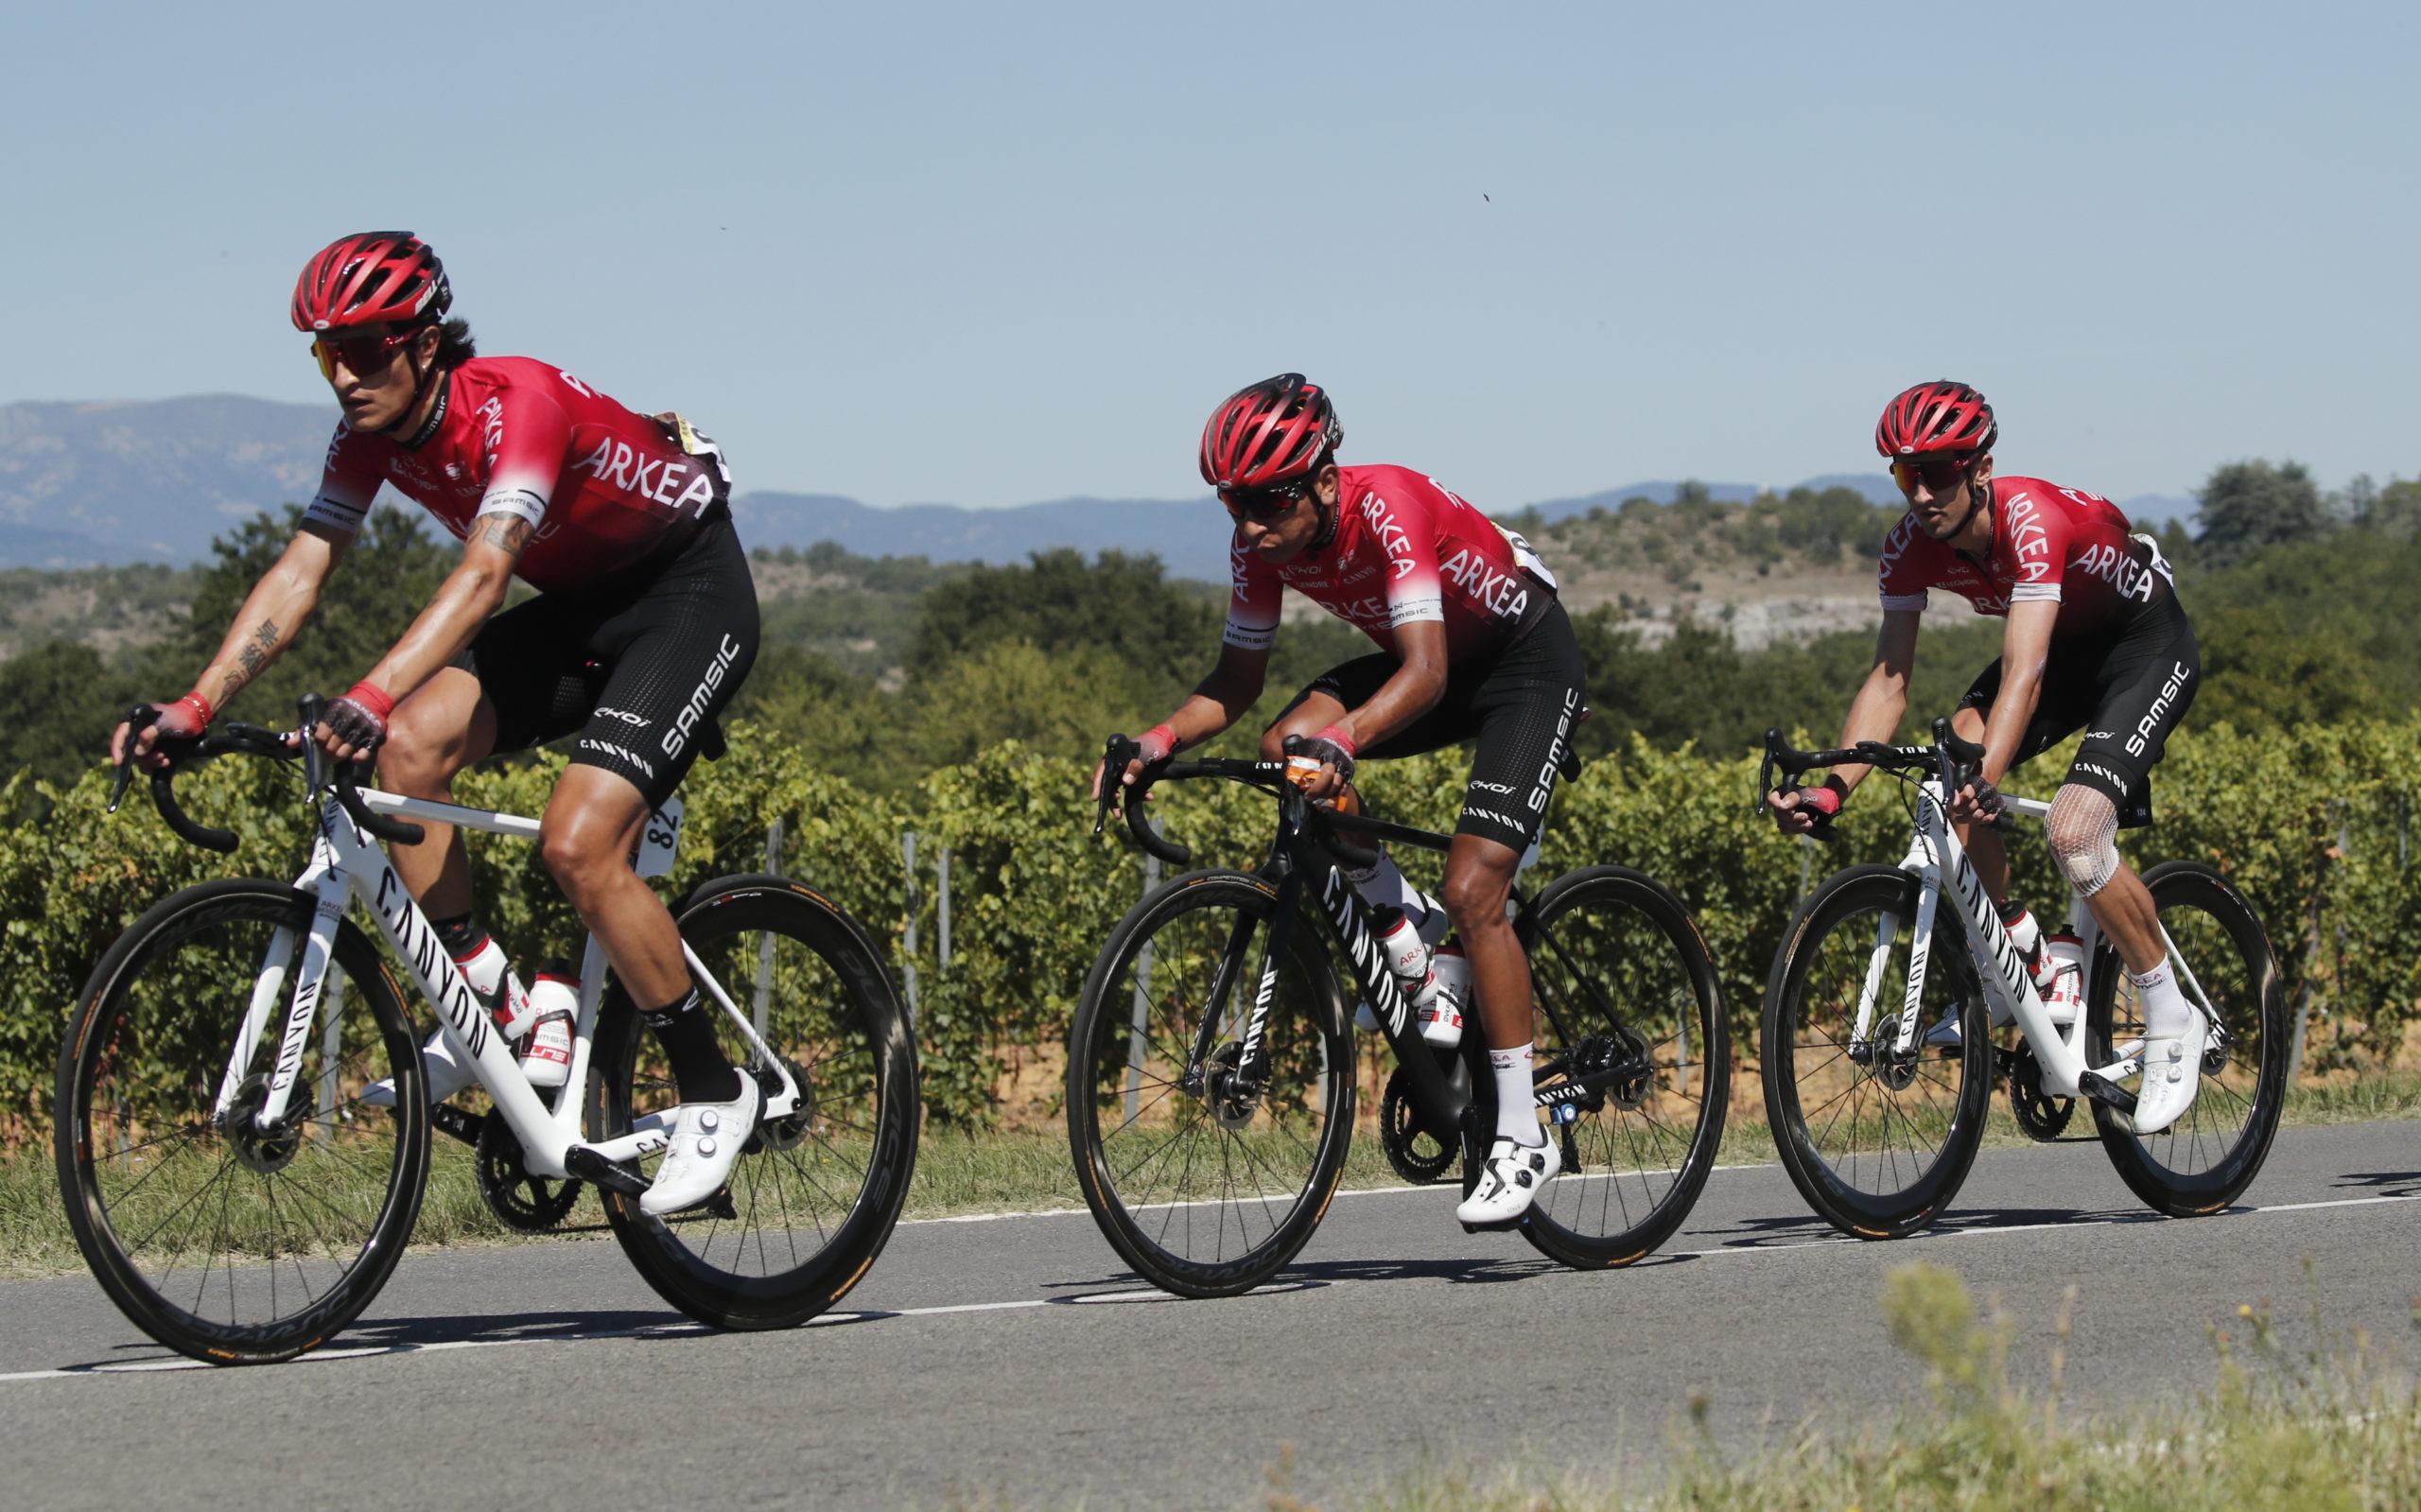 Enquête et garde à vue pour soupçons de dopage au sein de l'équipe Arkea-Samsic